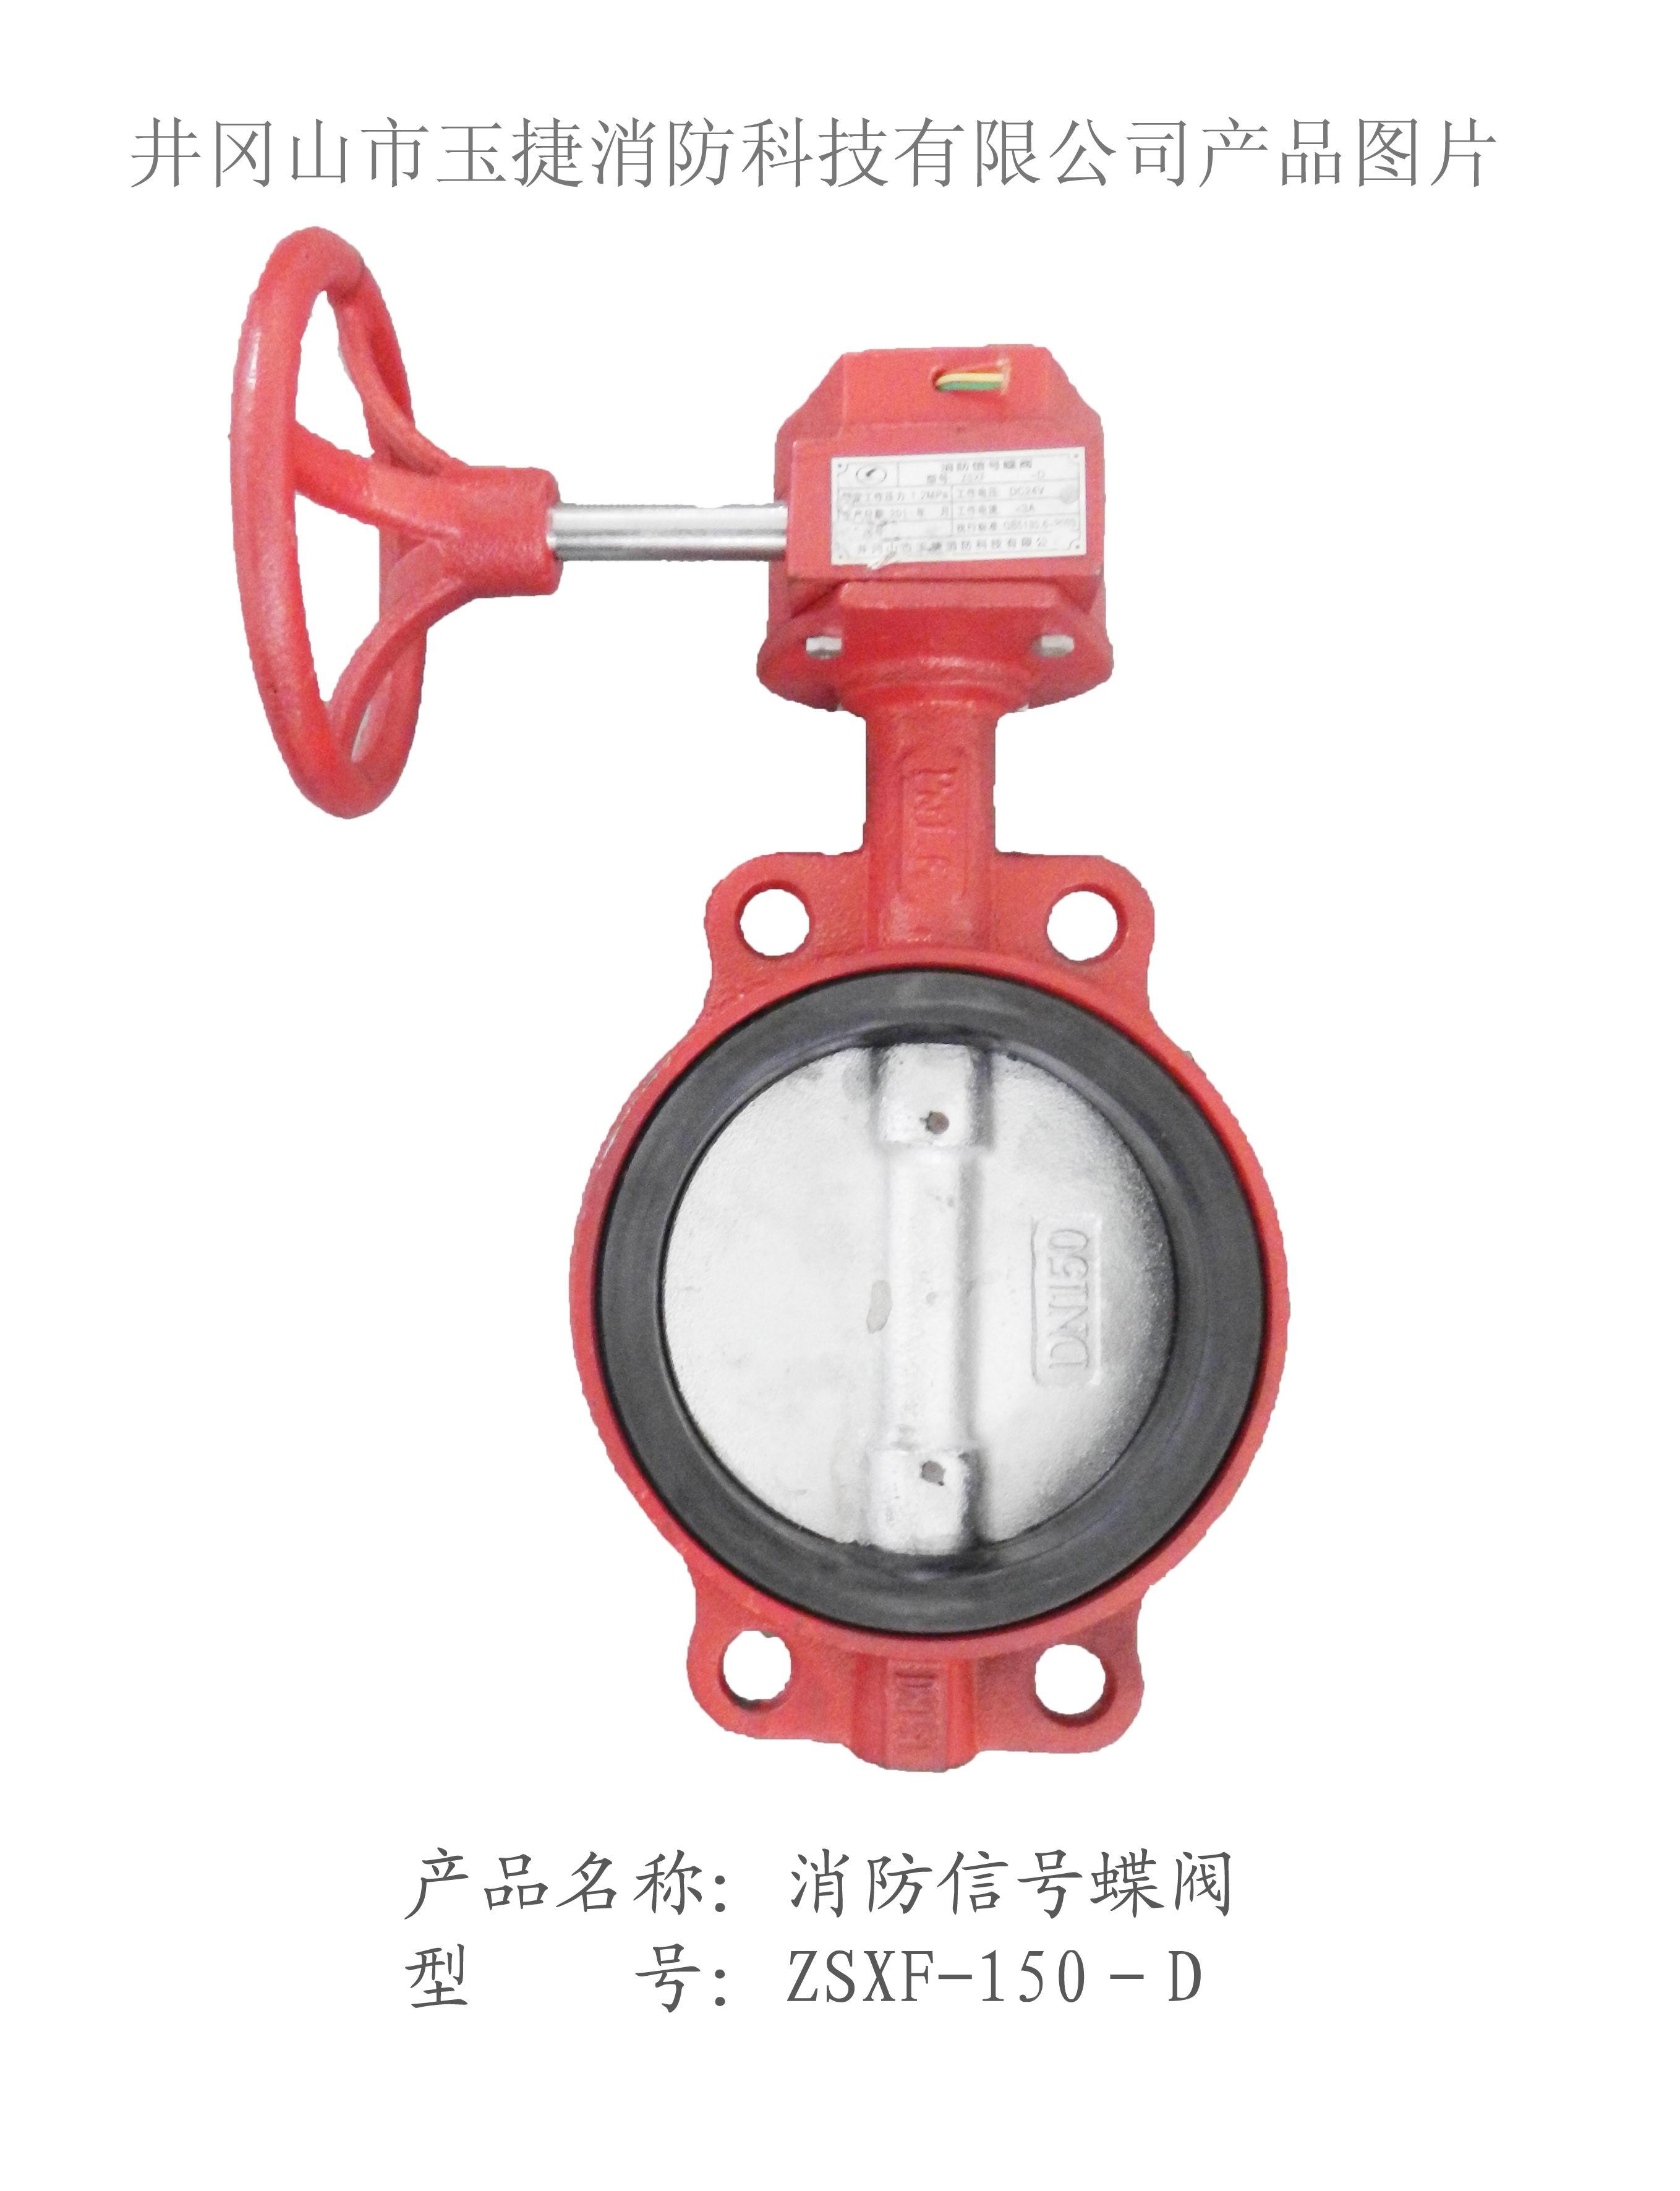 消防信号蝶阀zsxf-150-d图片